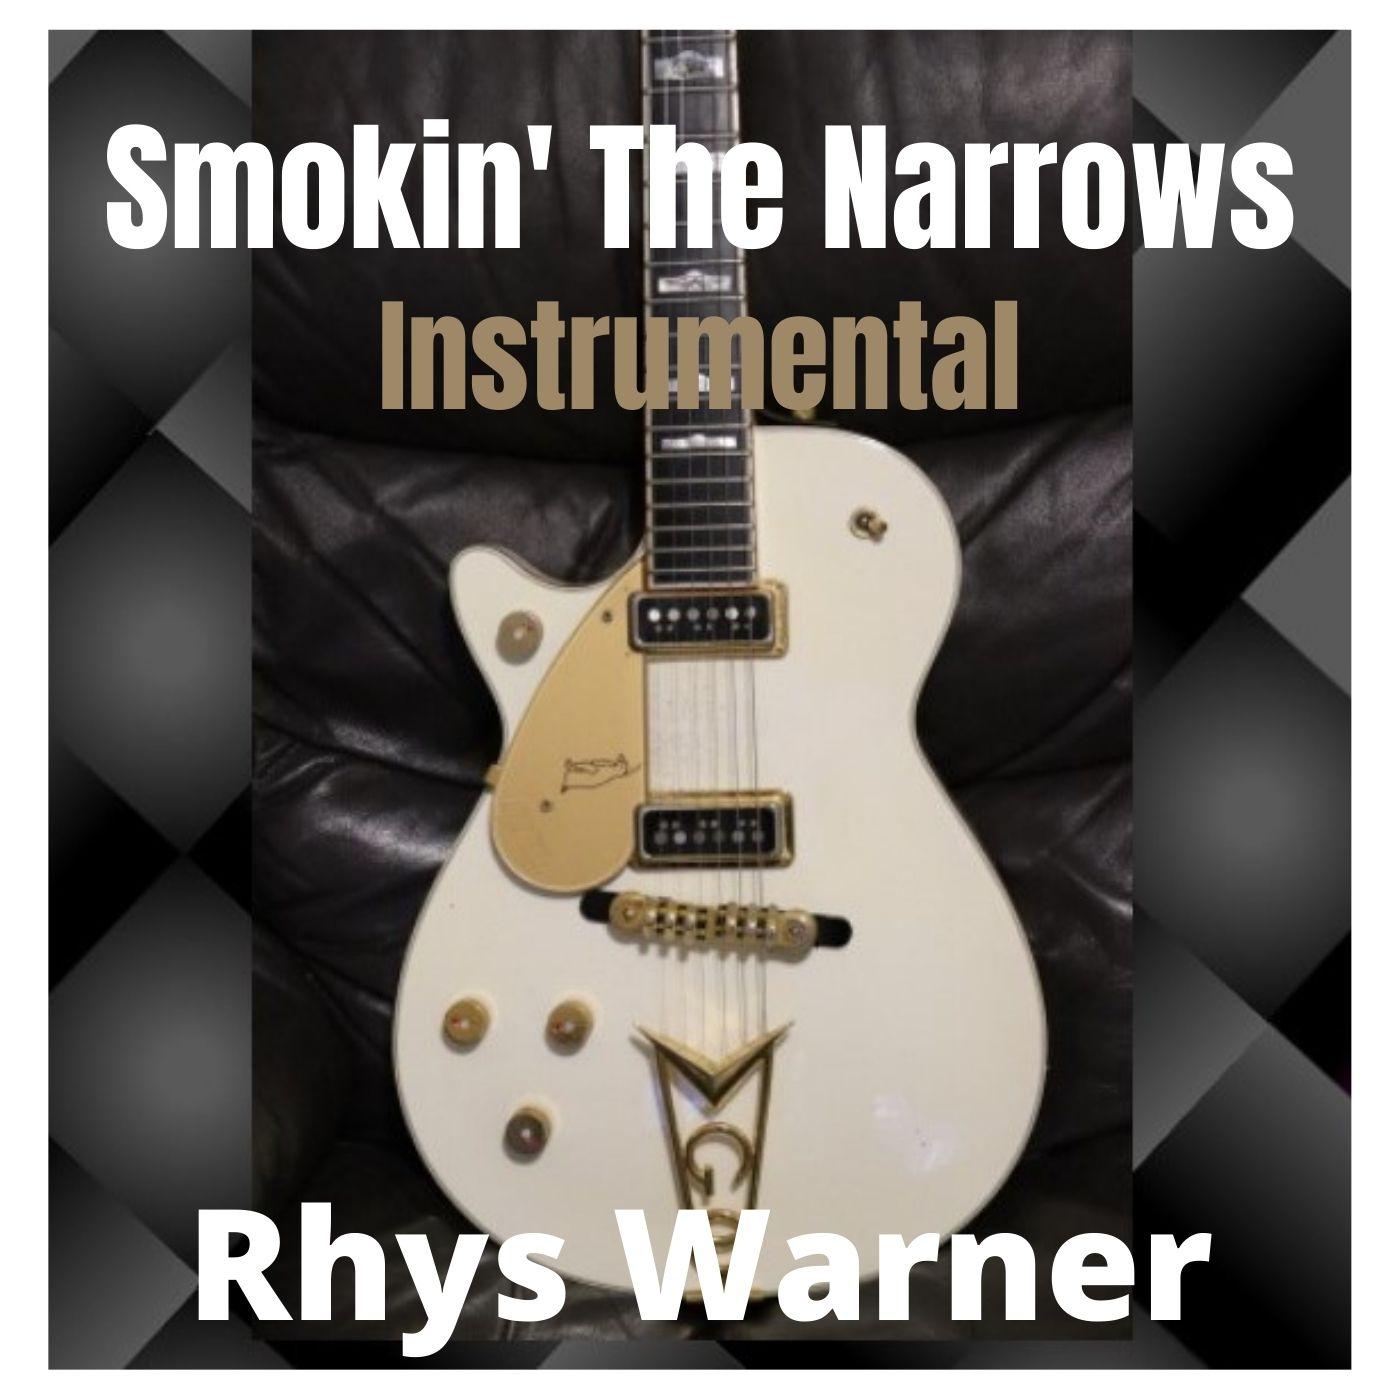 RHYS WARNER